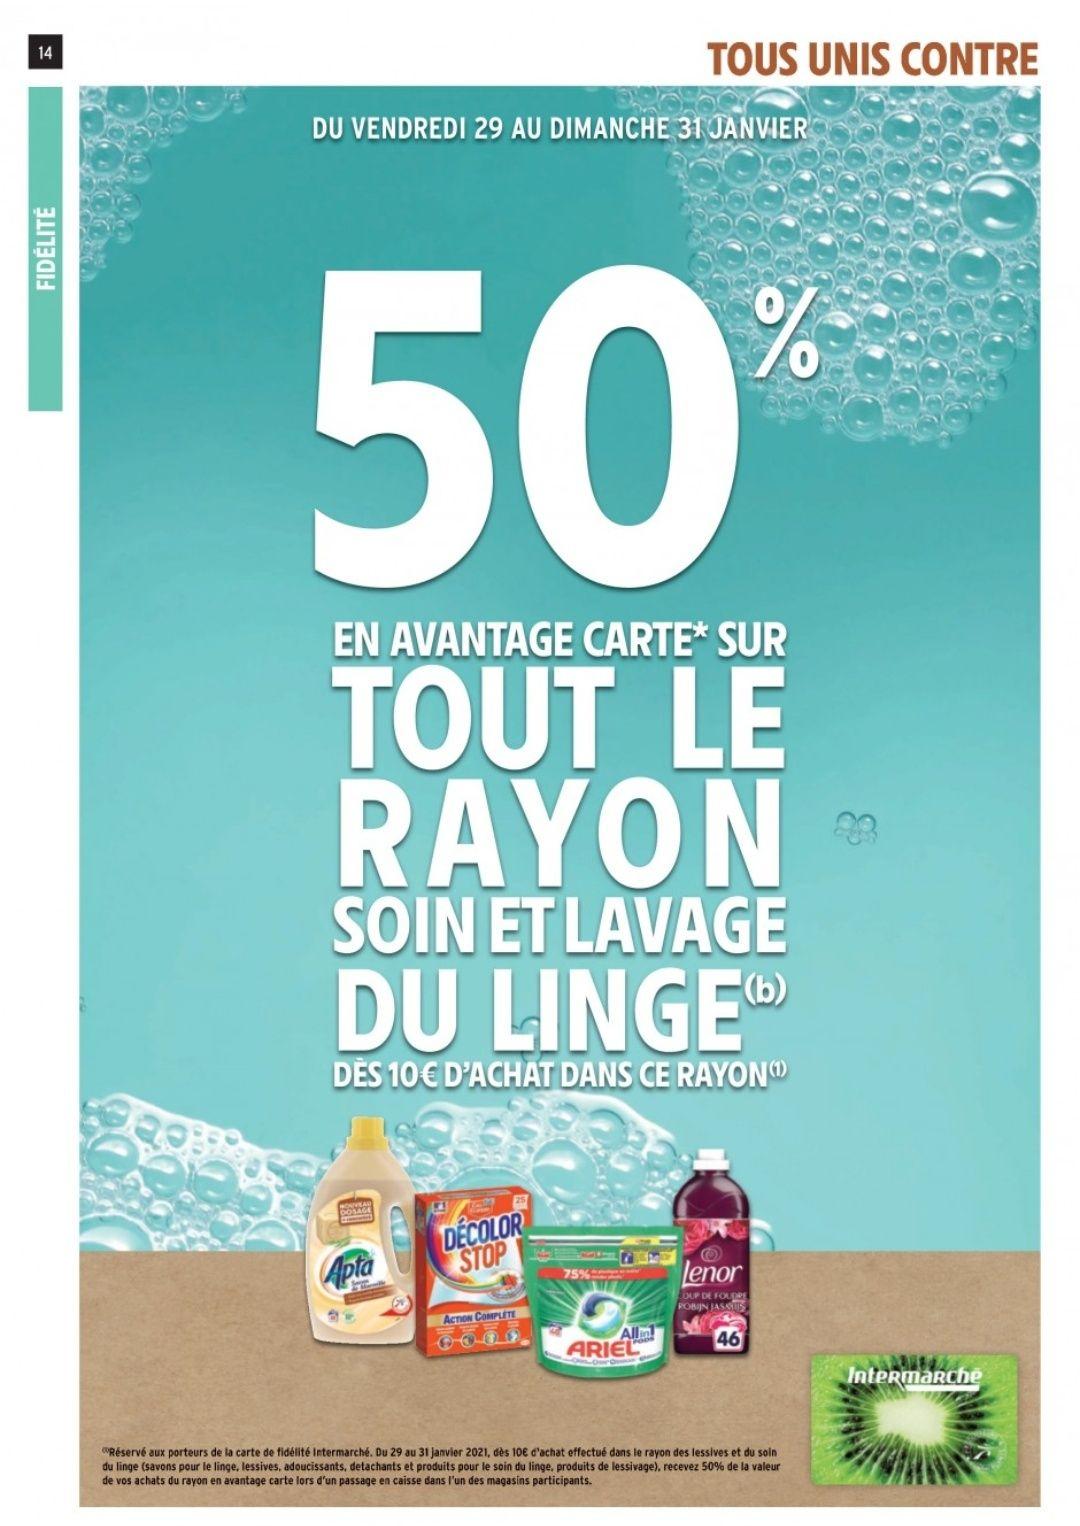 [Carte Fidélité] 50% offerts sur le Rayon Soin et Lavage du linge dès 10€ d'achat